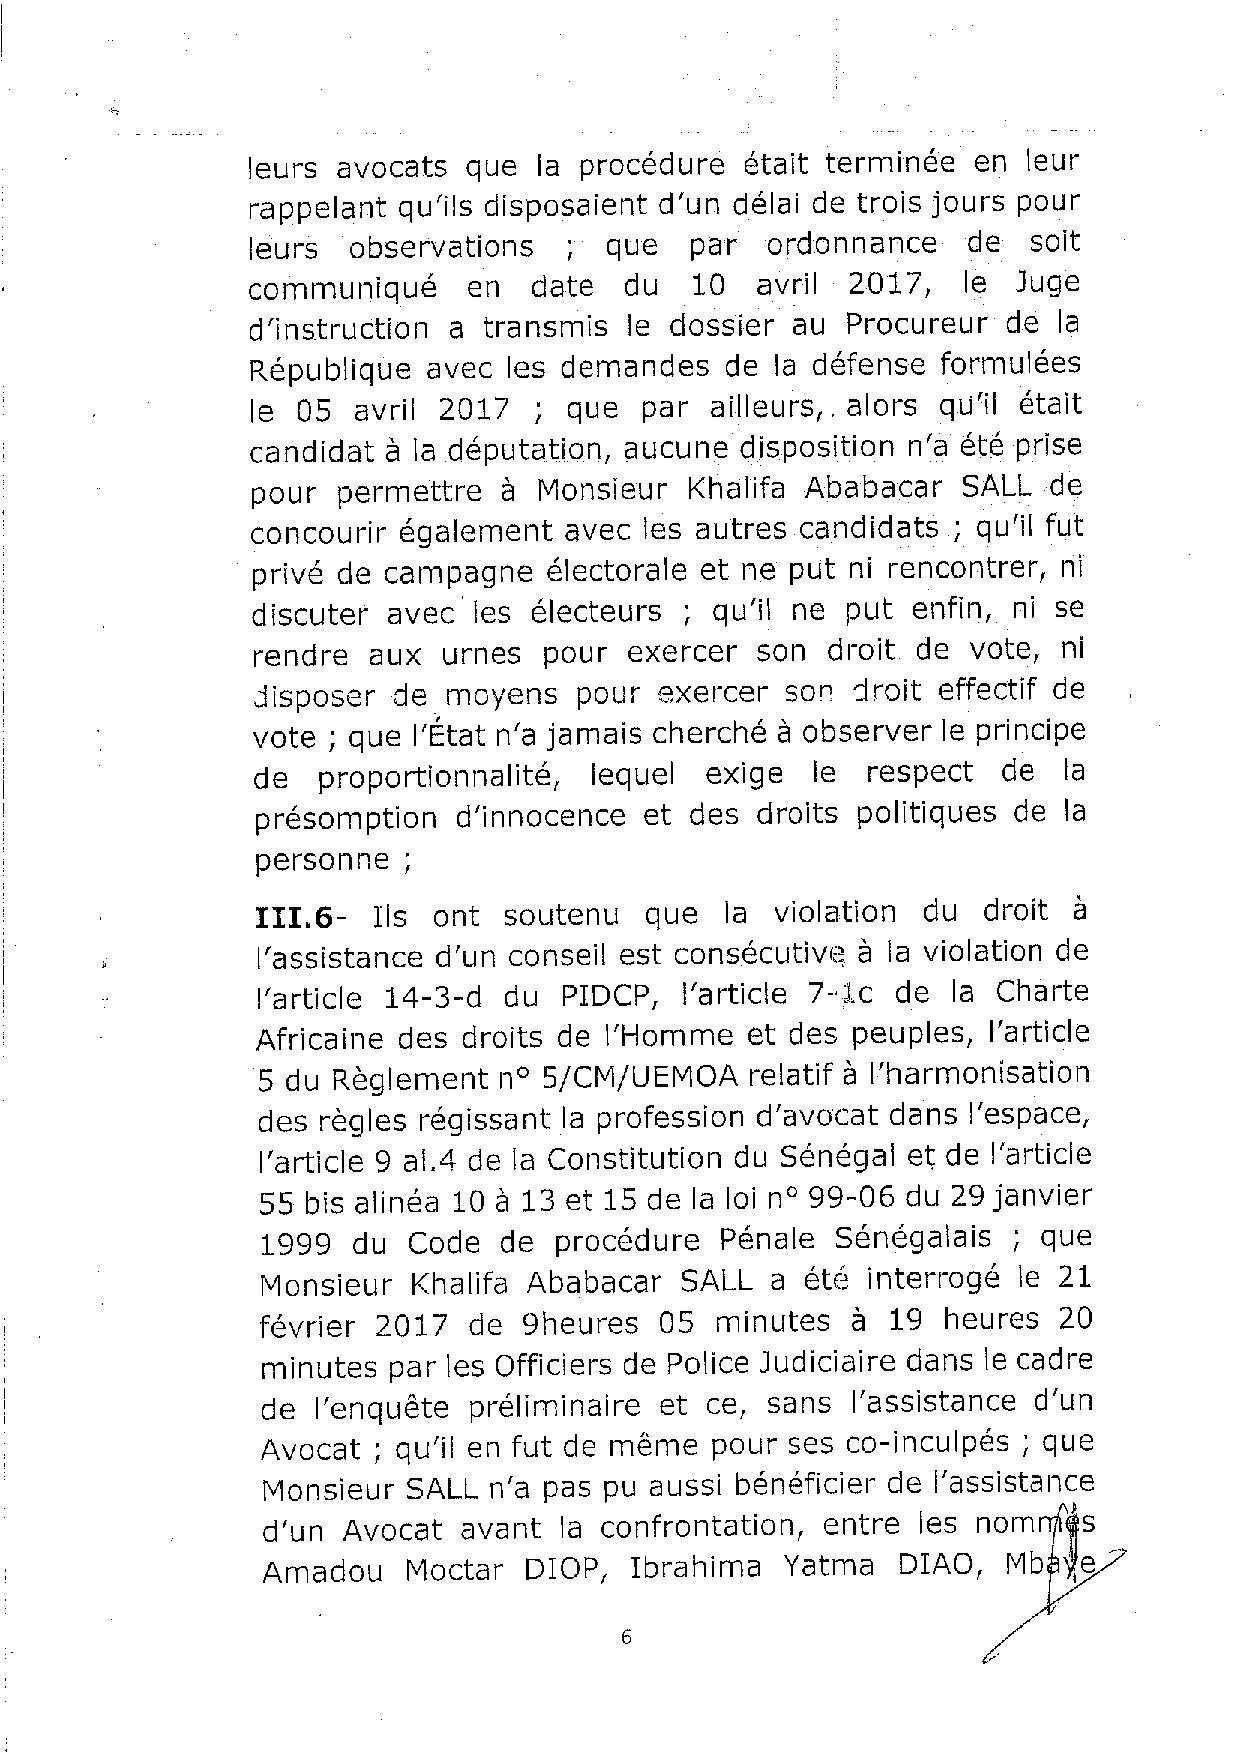 L'arrêt de la Cour de justice de la Cedeao sur l'affaire Khalifa Sall (PART 1)